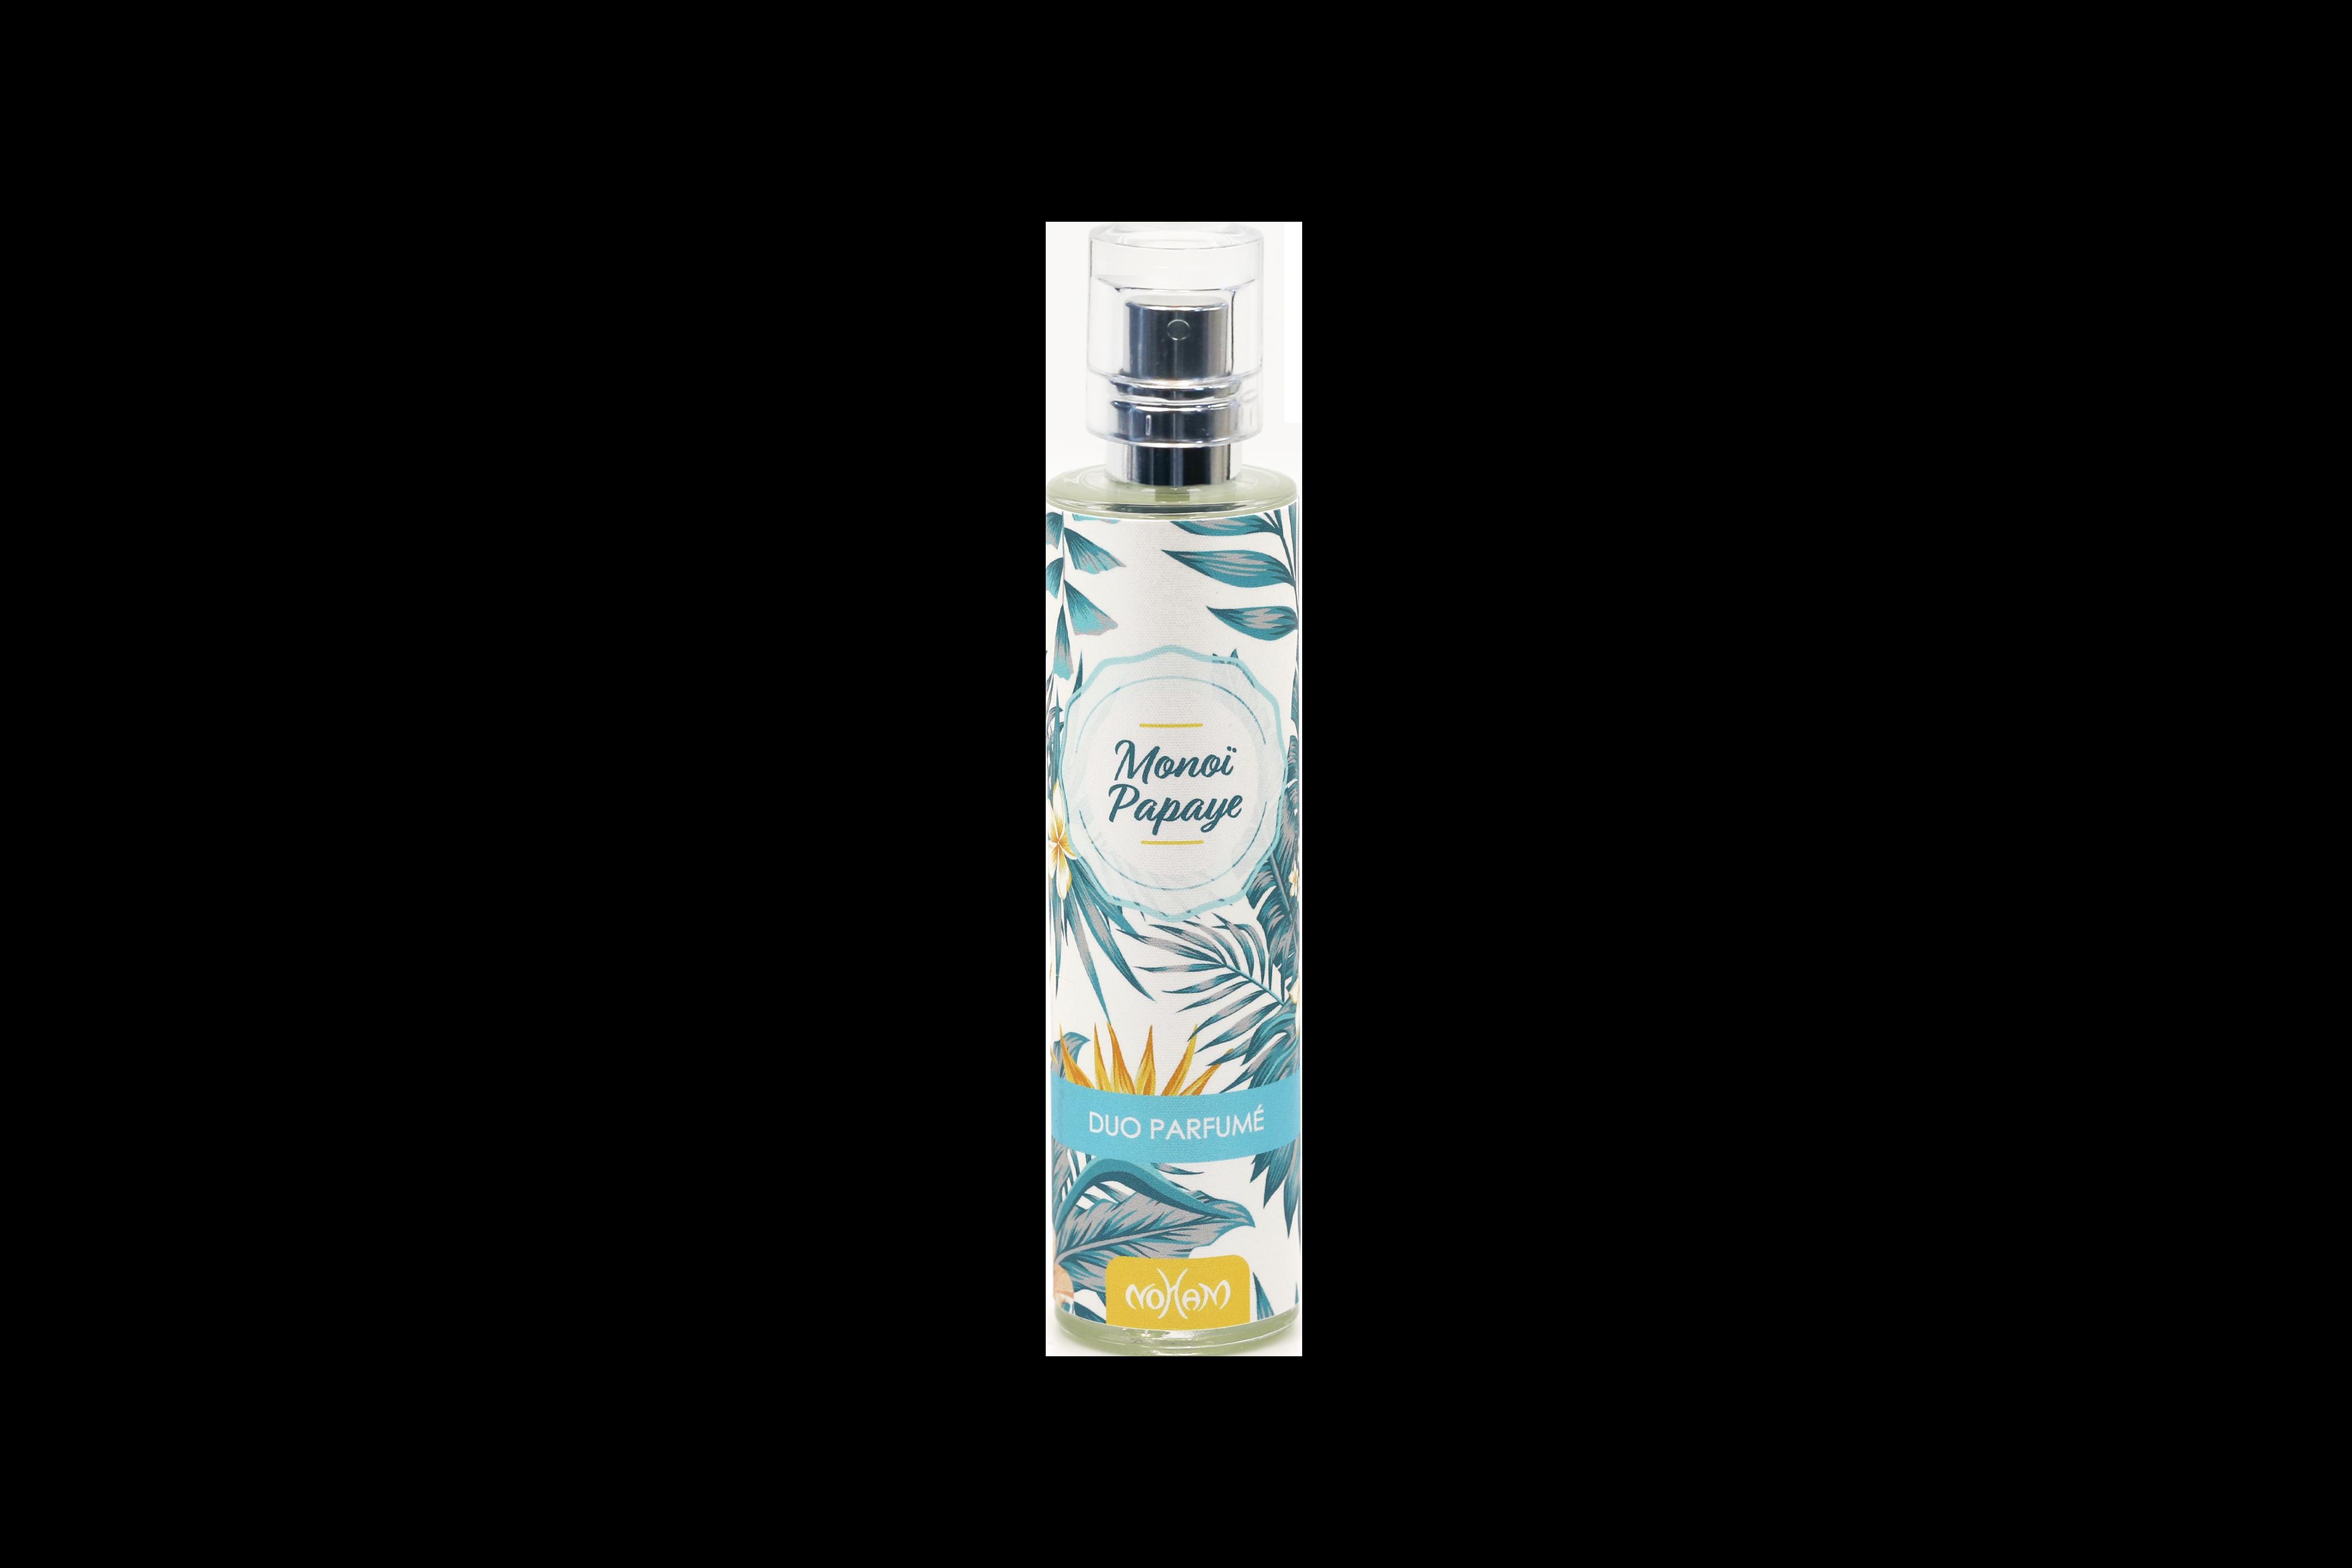 Duo Parfumé_Monoi papaye_EDTFPF7